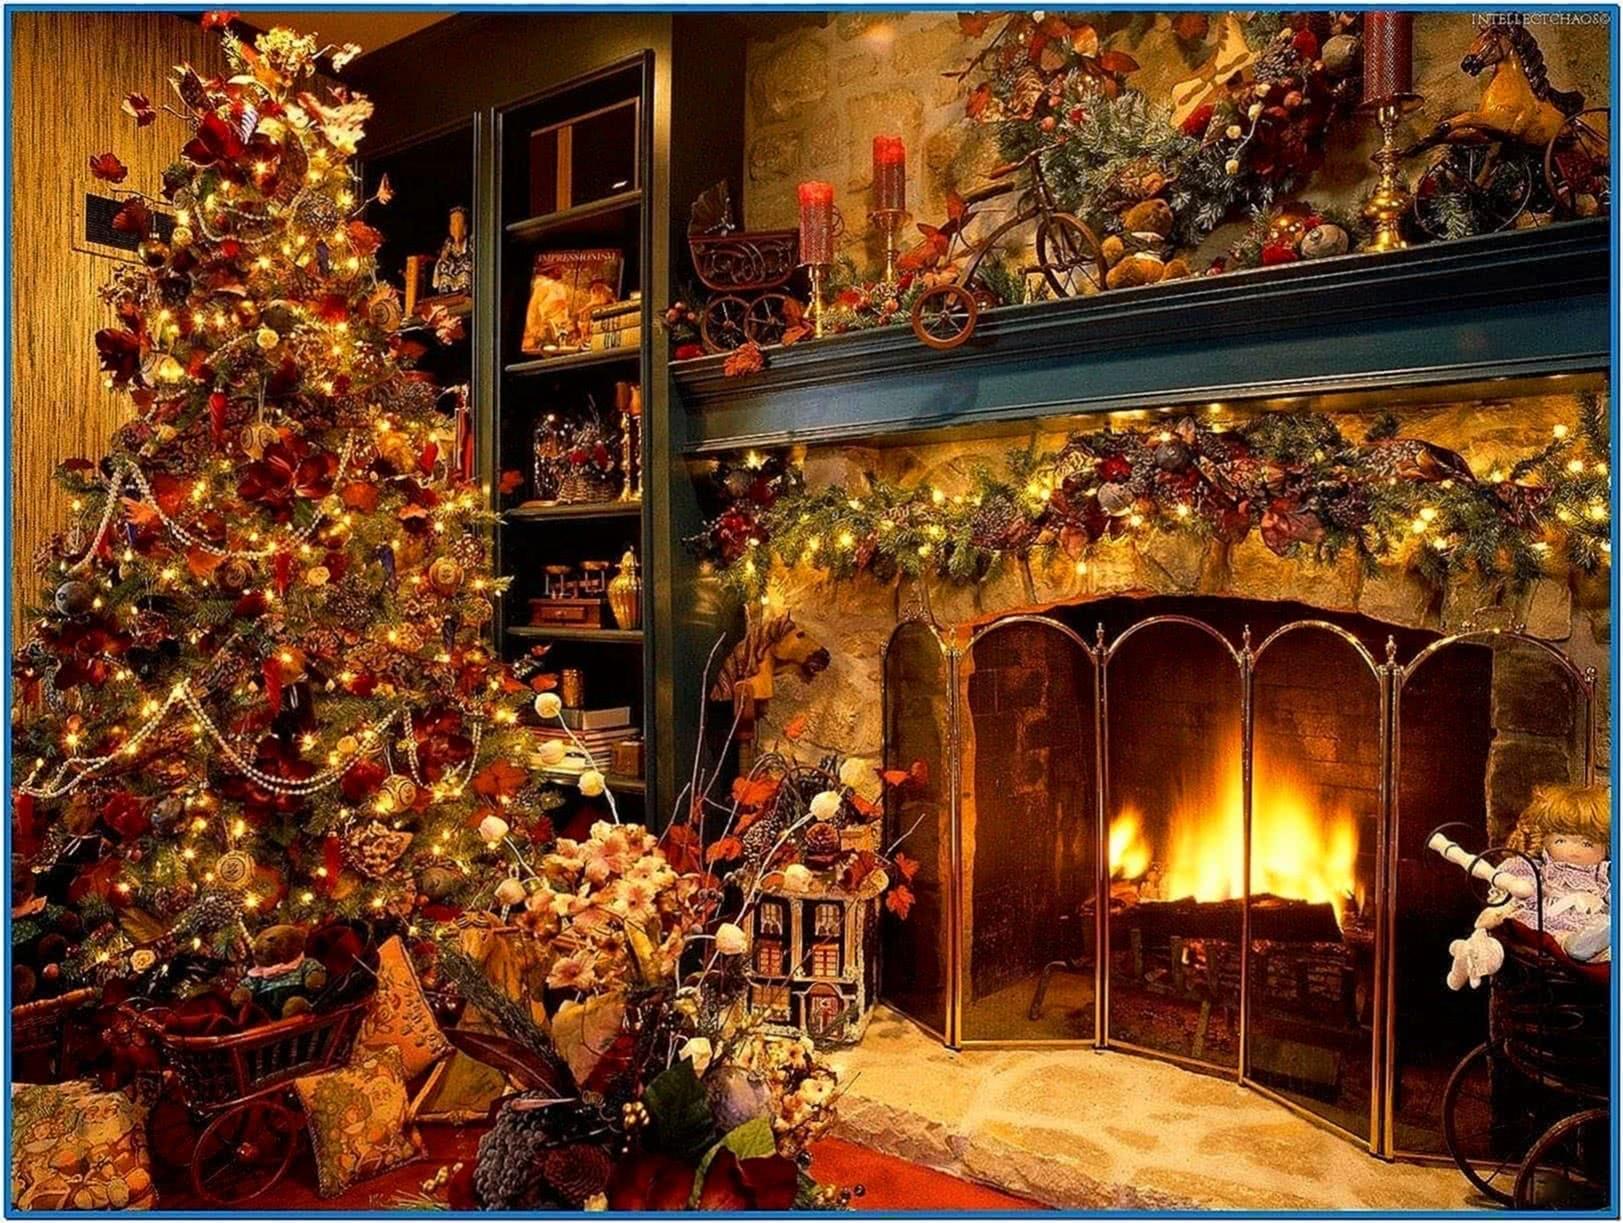 christmas wallpapers and screensavers - photo #25